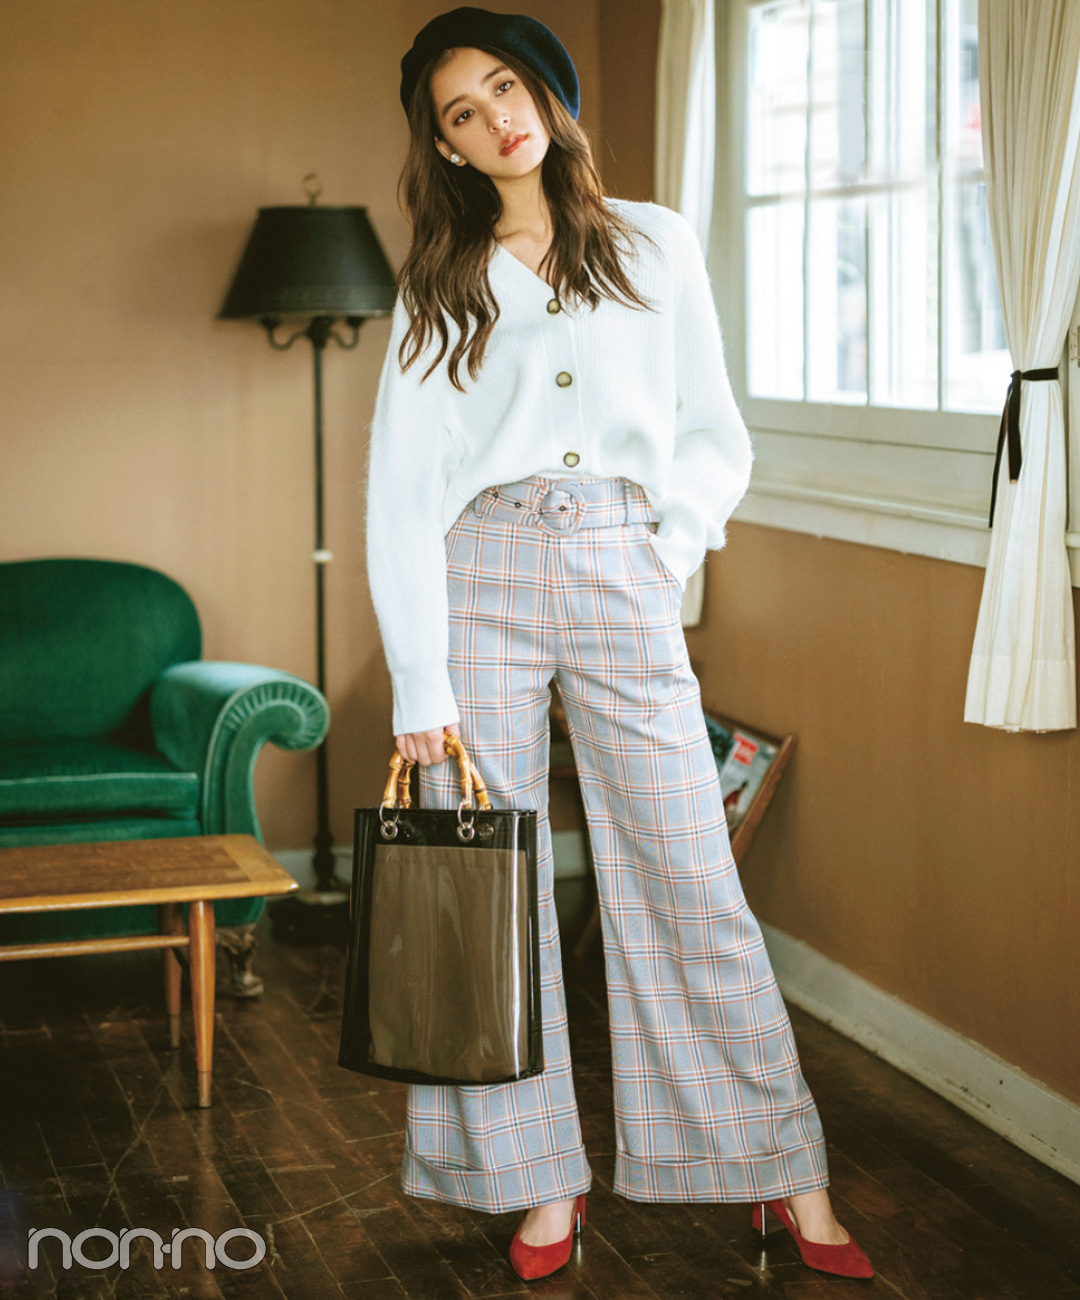 【グレンチェックコーデ】新木優子は、グレンチェックのワイドパンツを秋小物で鮮度を高める!